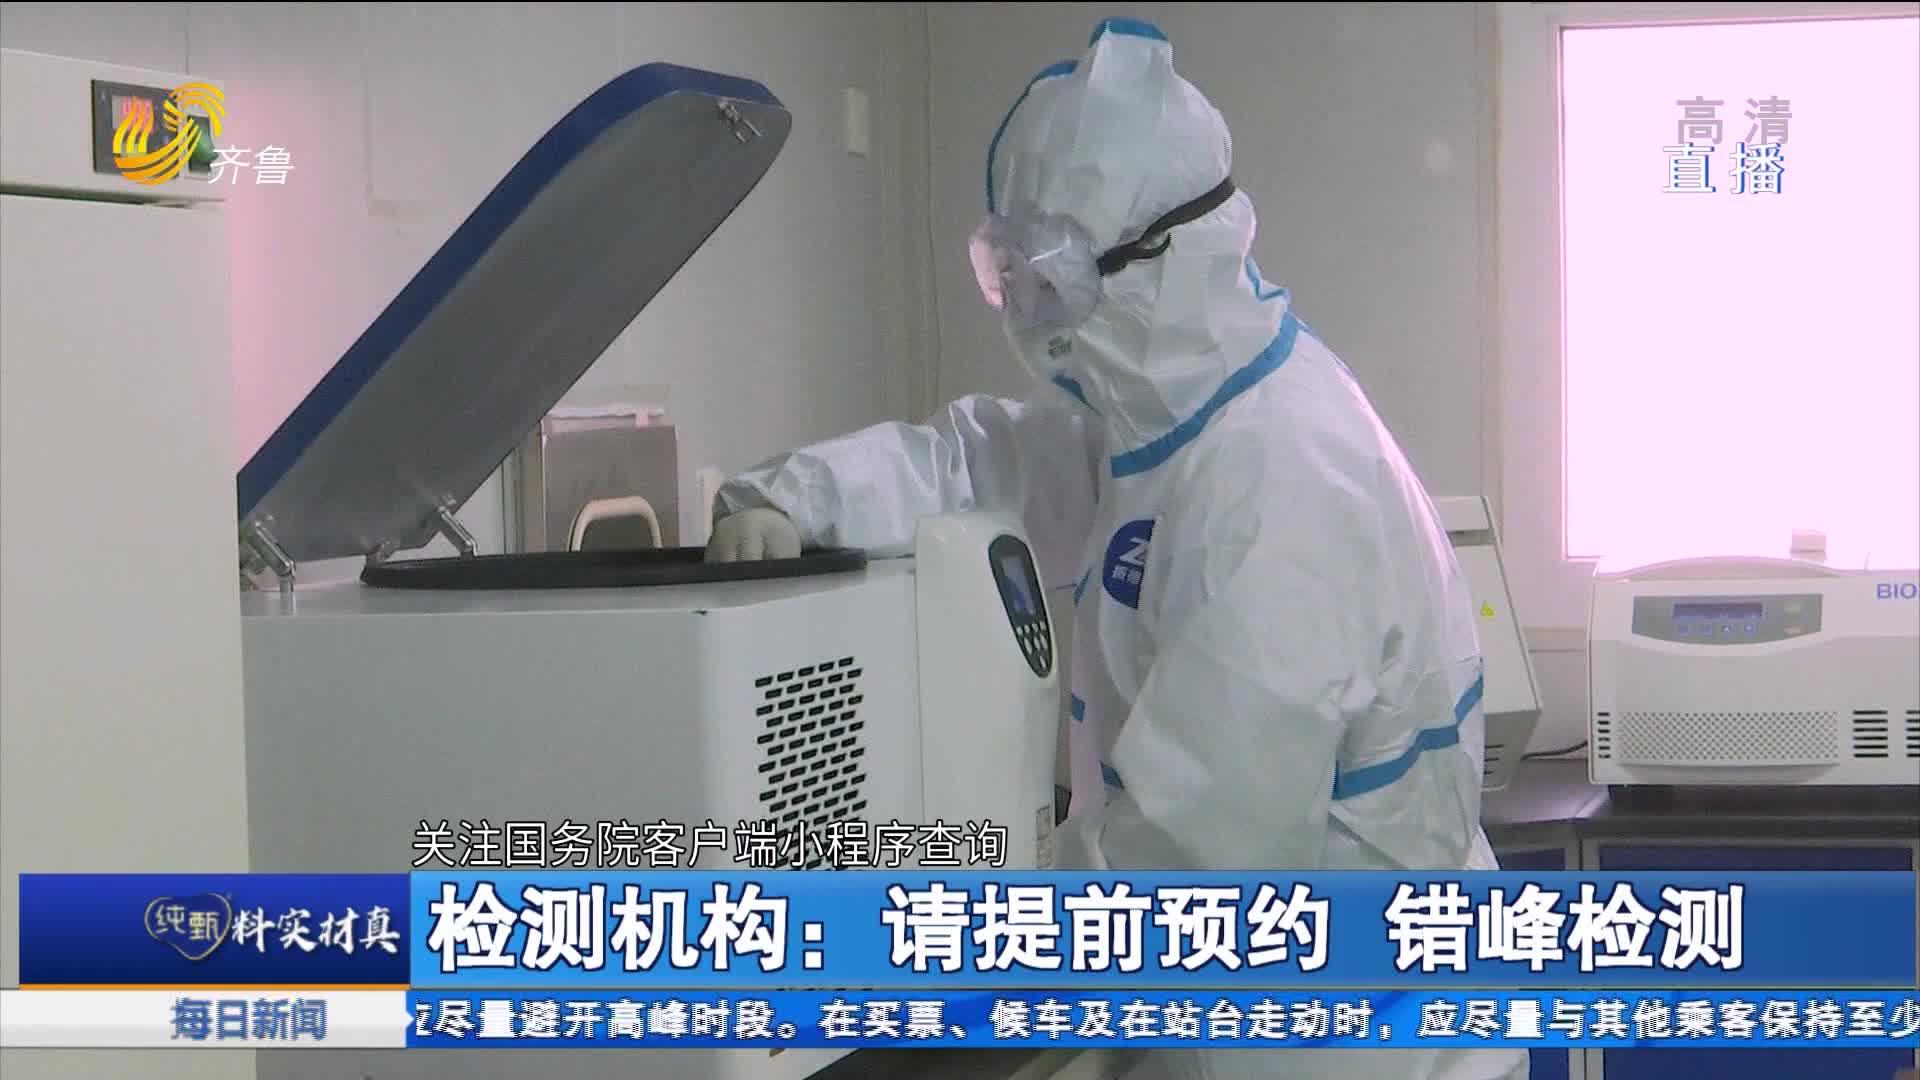 關于春節返鄉 山東發布疫情防控通告